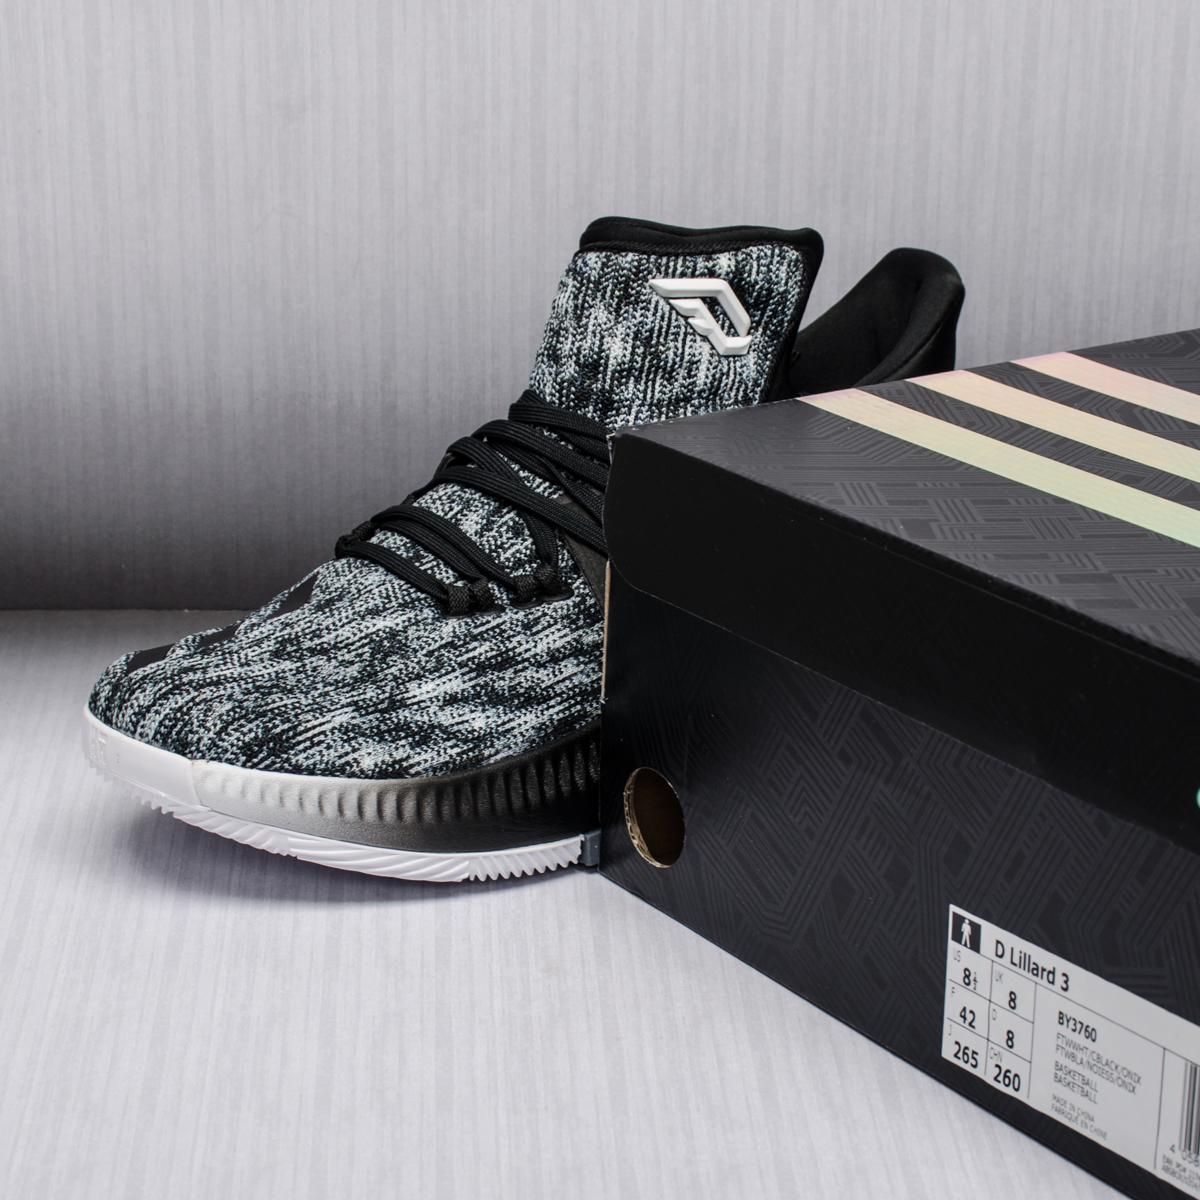 Adidas Dame Lillard 3 Scarpe Adidas Da Basket Basket Scarpe Adidas Scarpe 806e0c